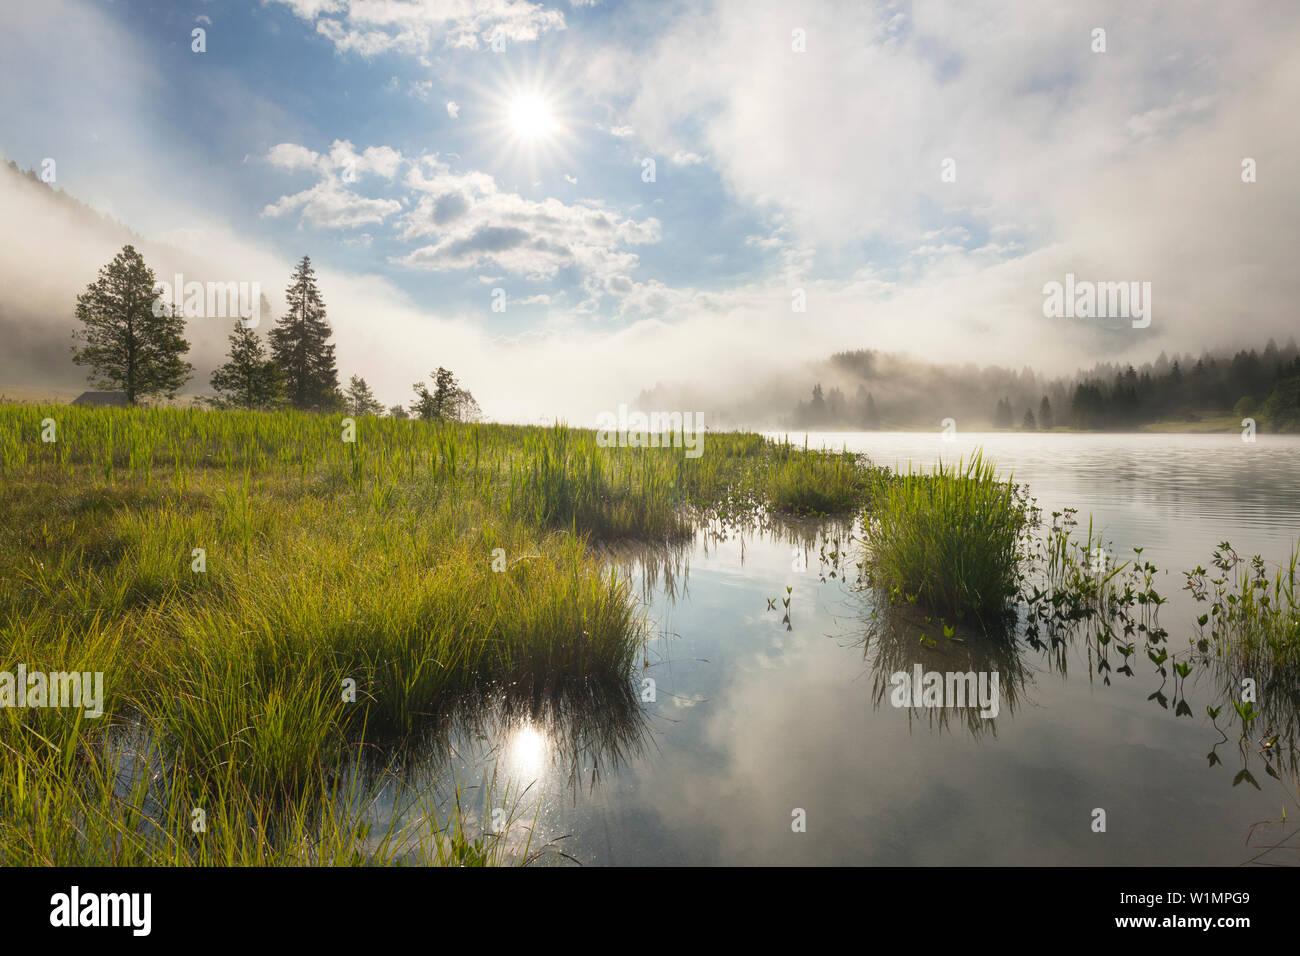 Fog at Geroldsee, view to Karwendel, Werdenfels region, Bavaria, Germany - Stock Image